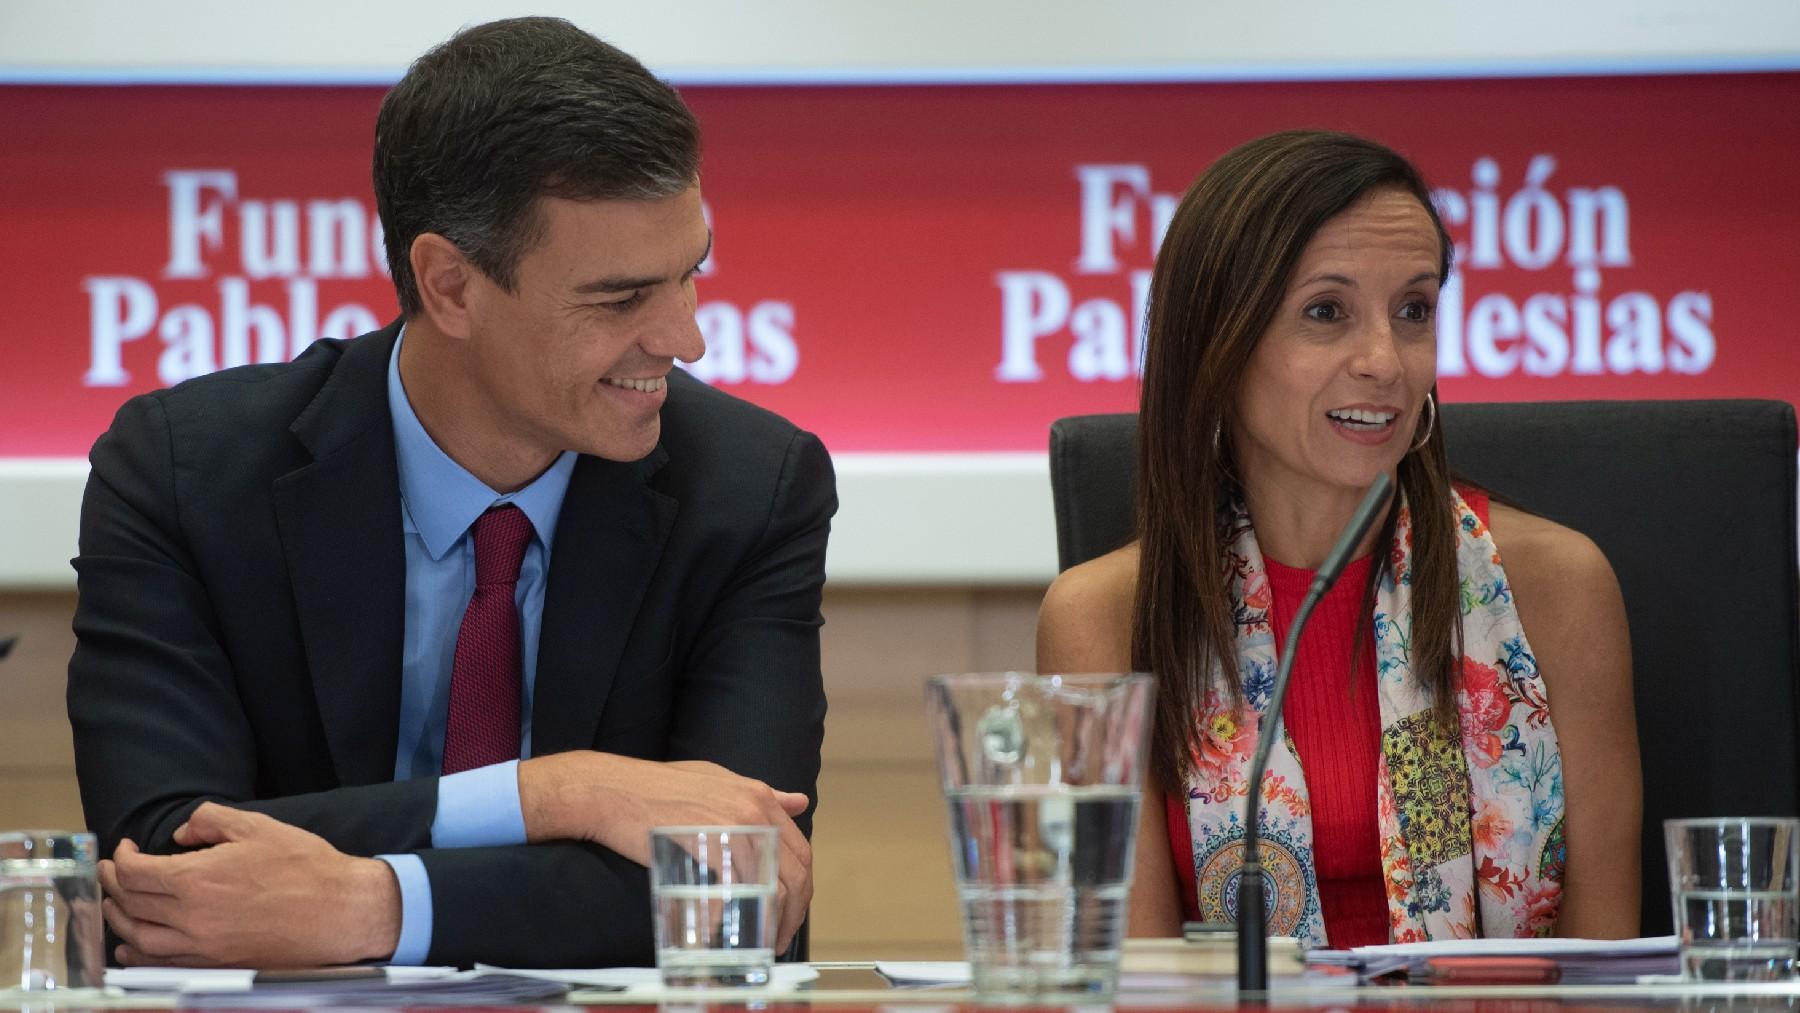 Pedro Sánchez y Beatriz Corredor, presidenta de Red Eléctrica. (Foto: PSOE)